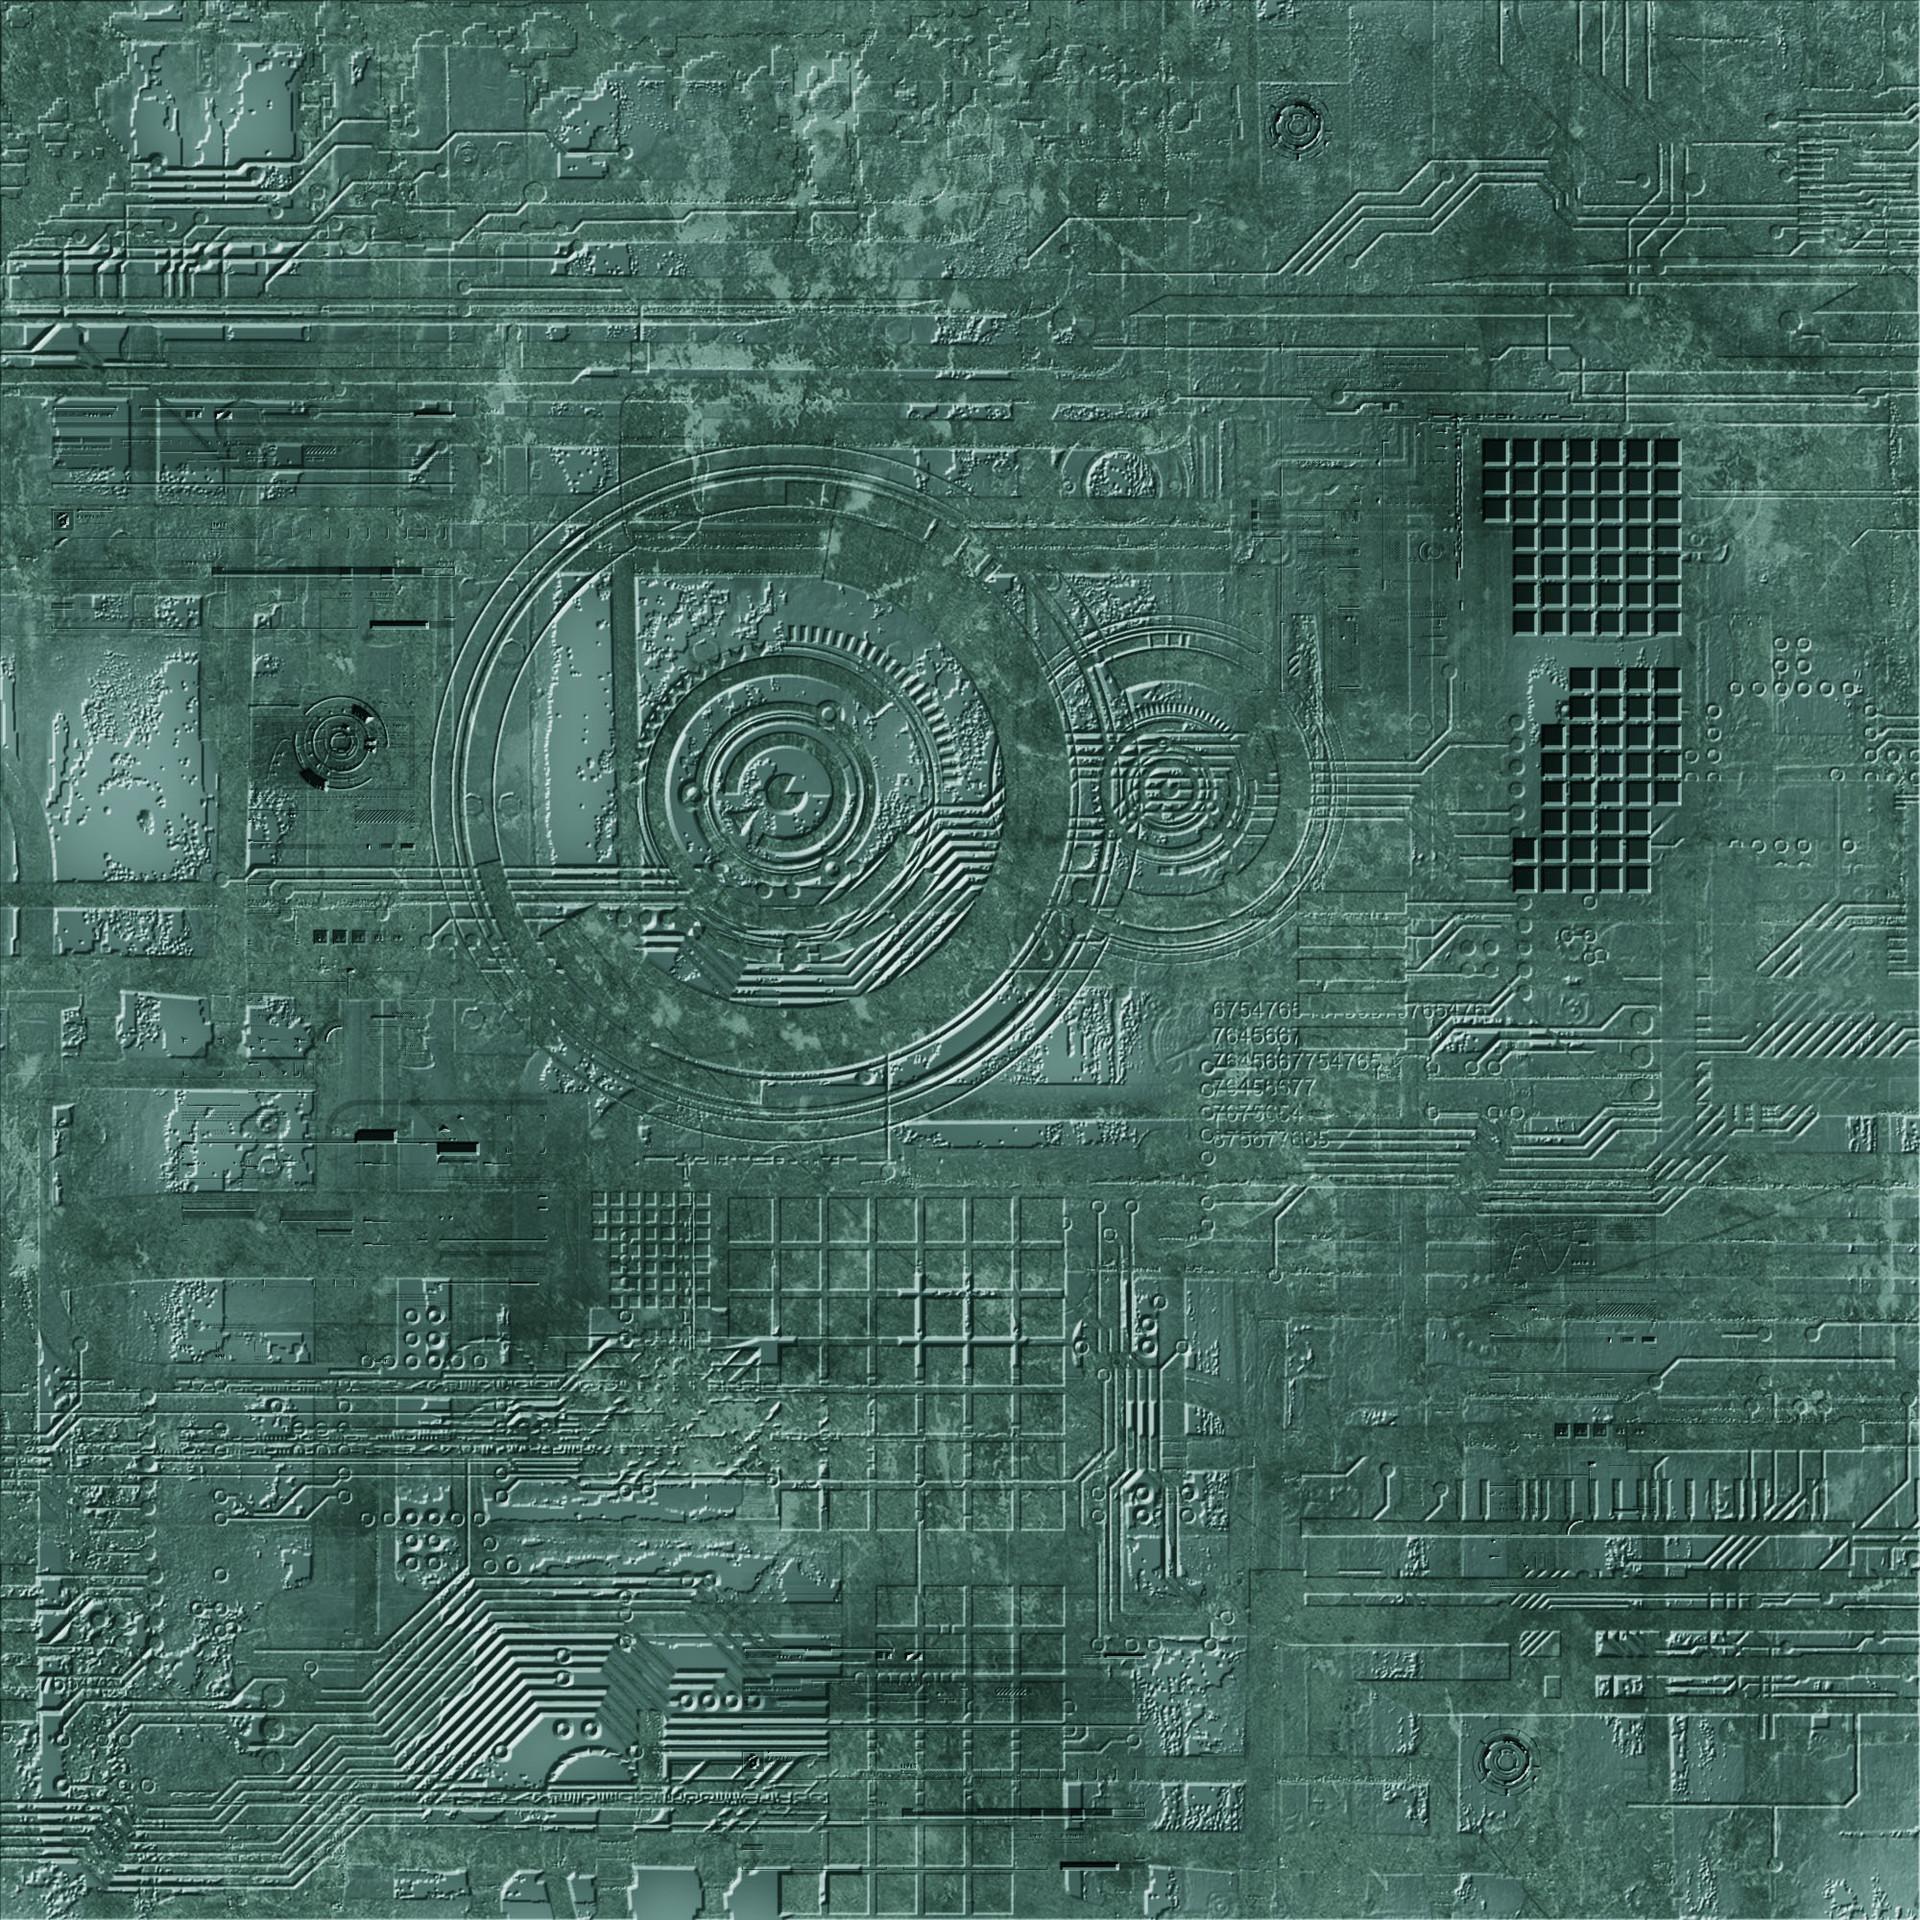 ArtStation - Photoshop Texture, Siamak Tavakoli